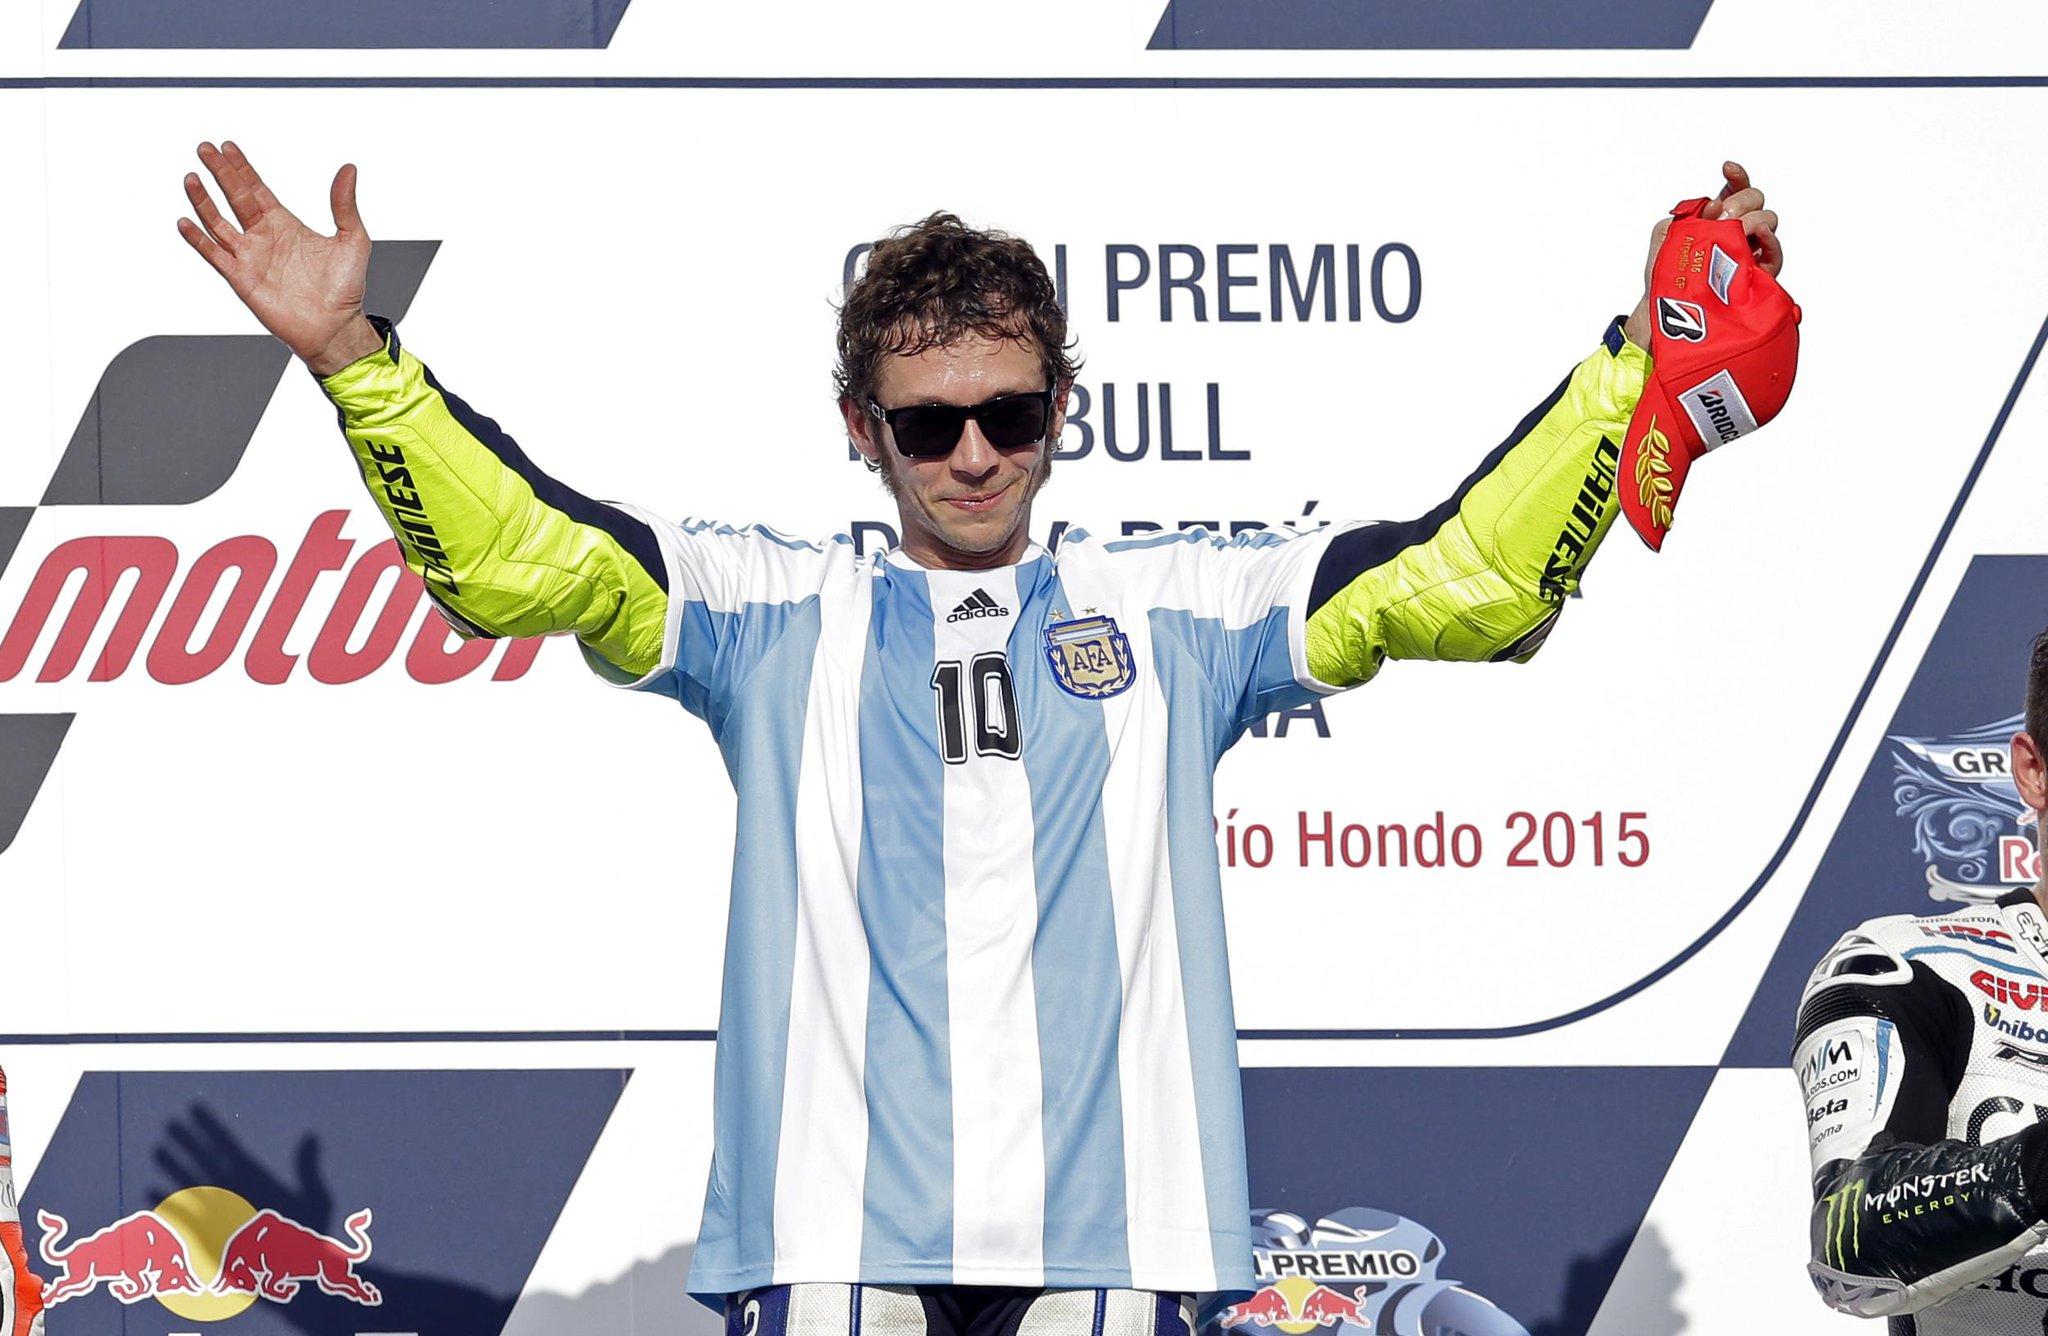 #rossi sul podio con  la maglia di Maradona: ma il bomber è lui: oggi ha vinto il 110 GP http://t.co/7HVQWBs1PO